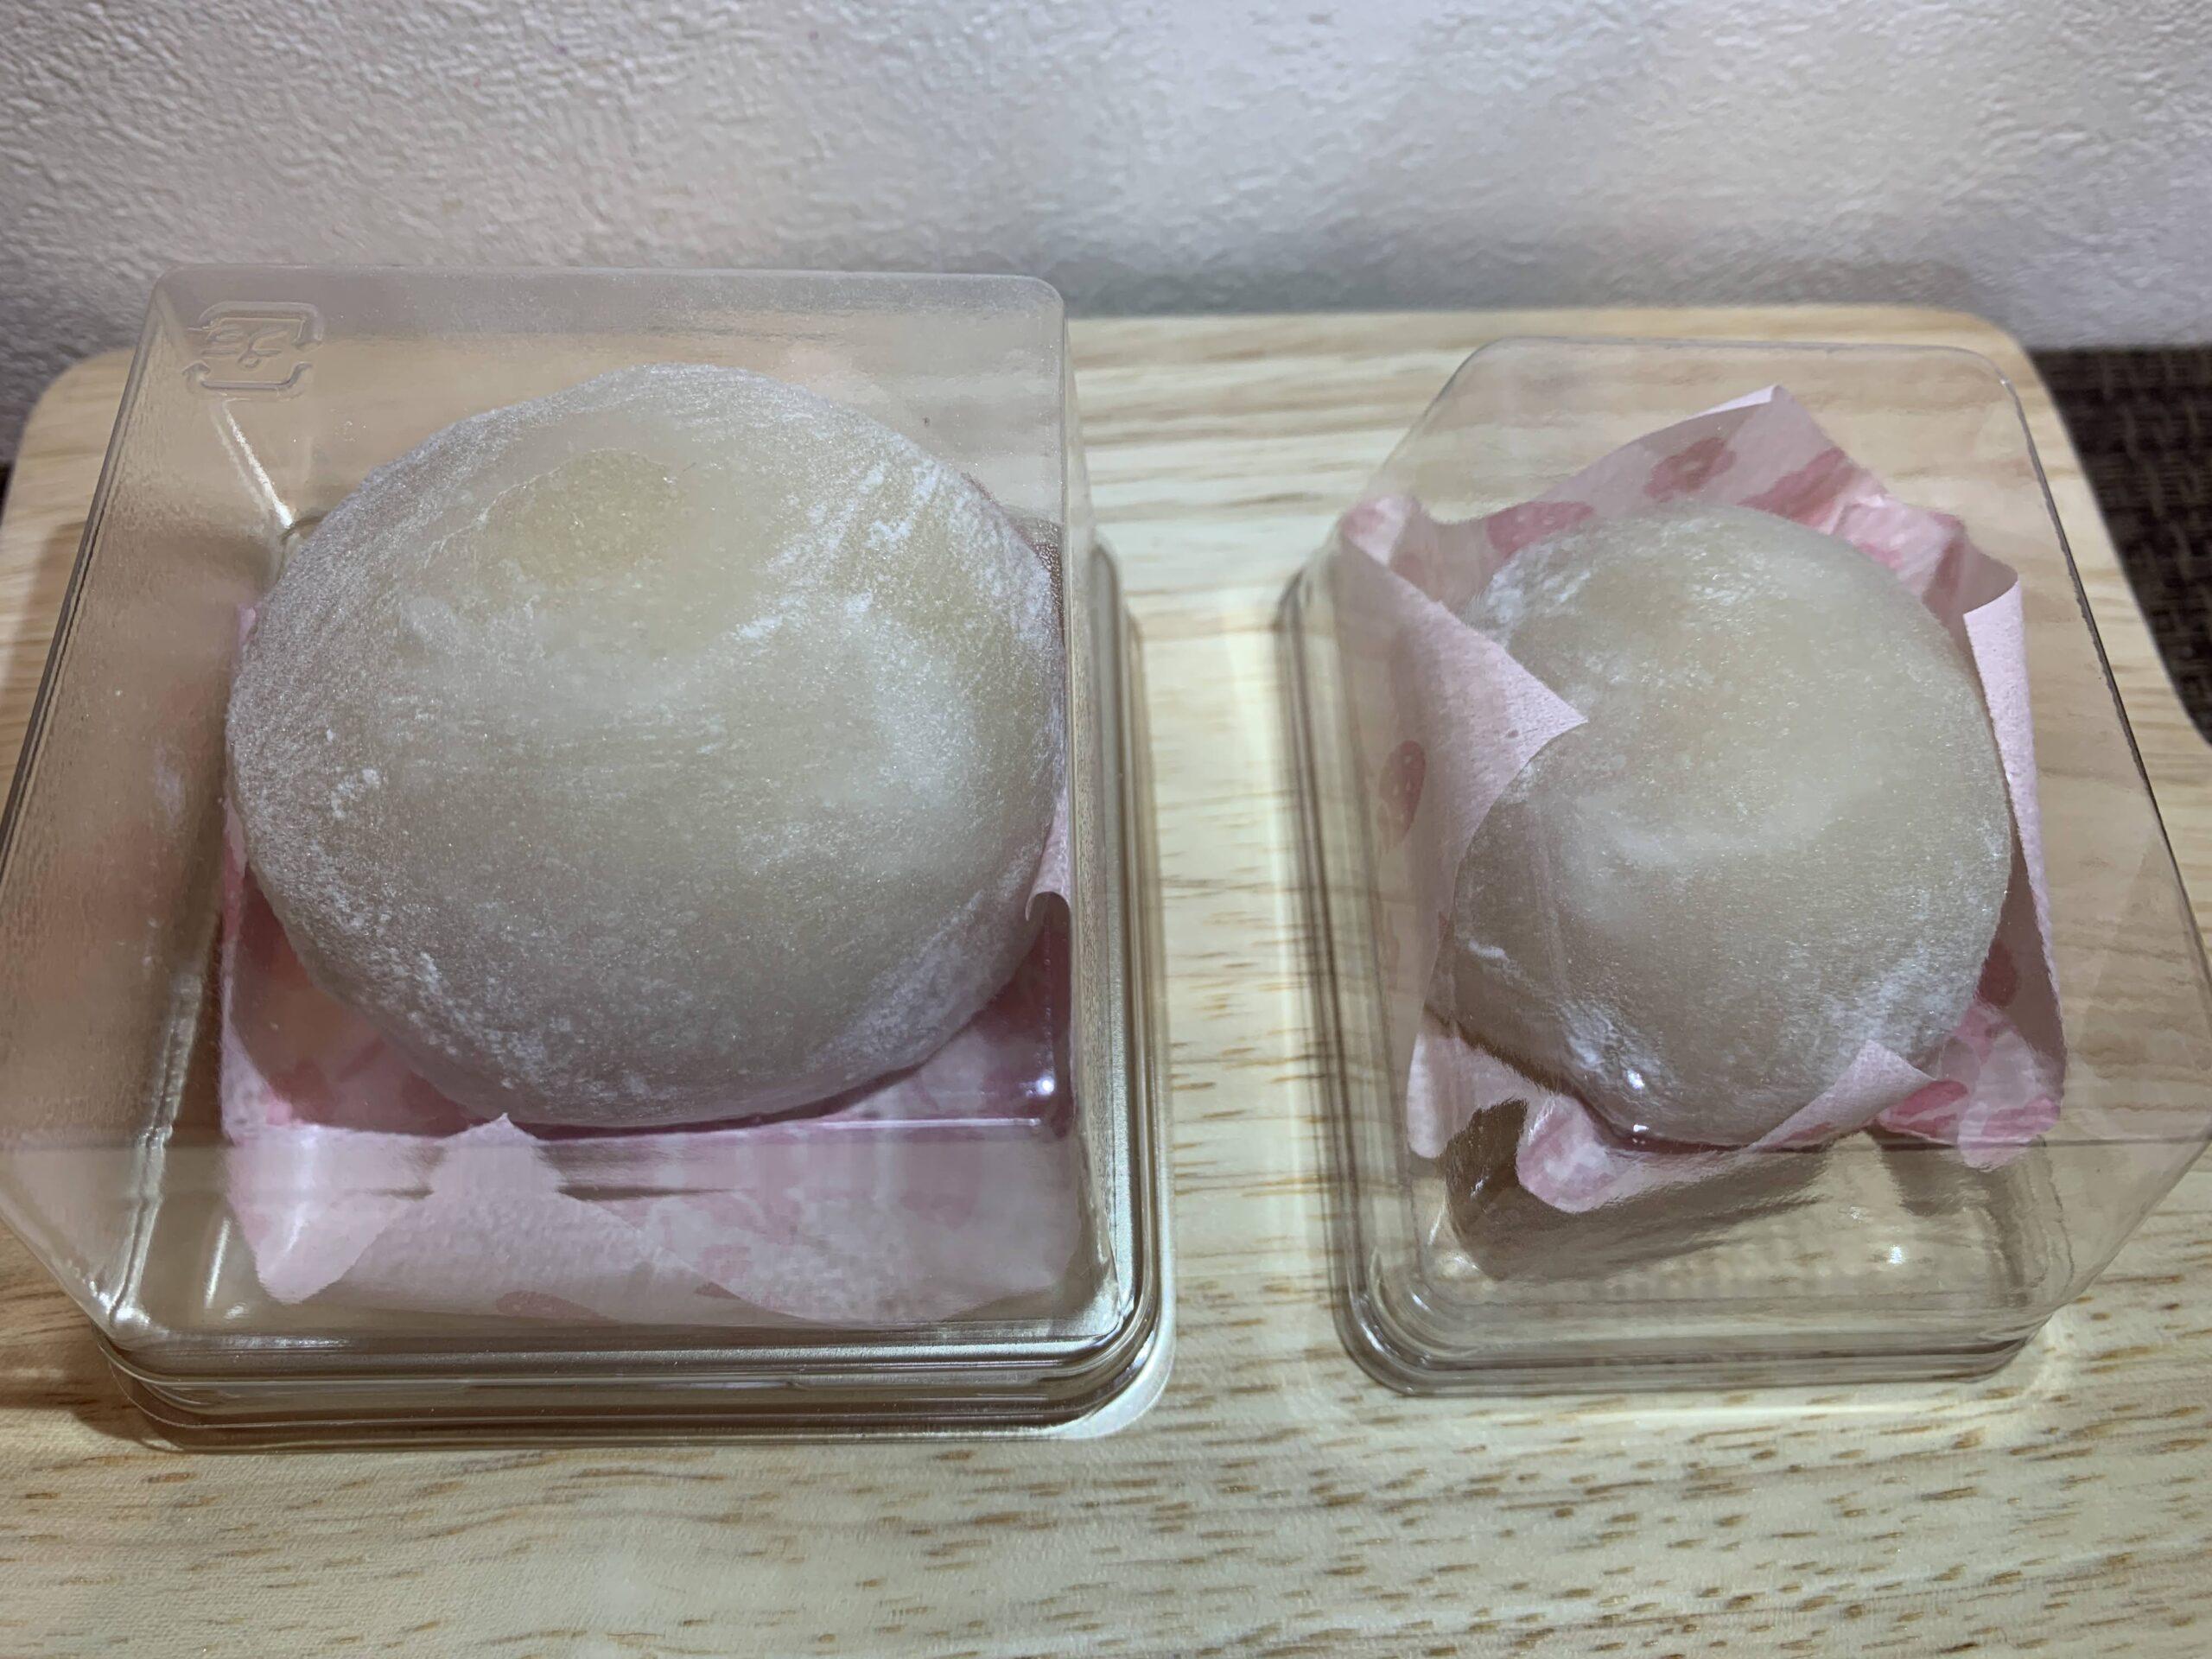 引網香月堂のいちご餅(苺大福)プレミアム食べ比べ